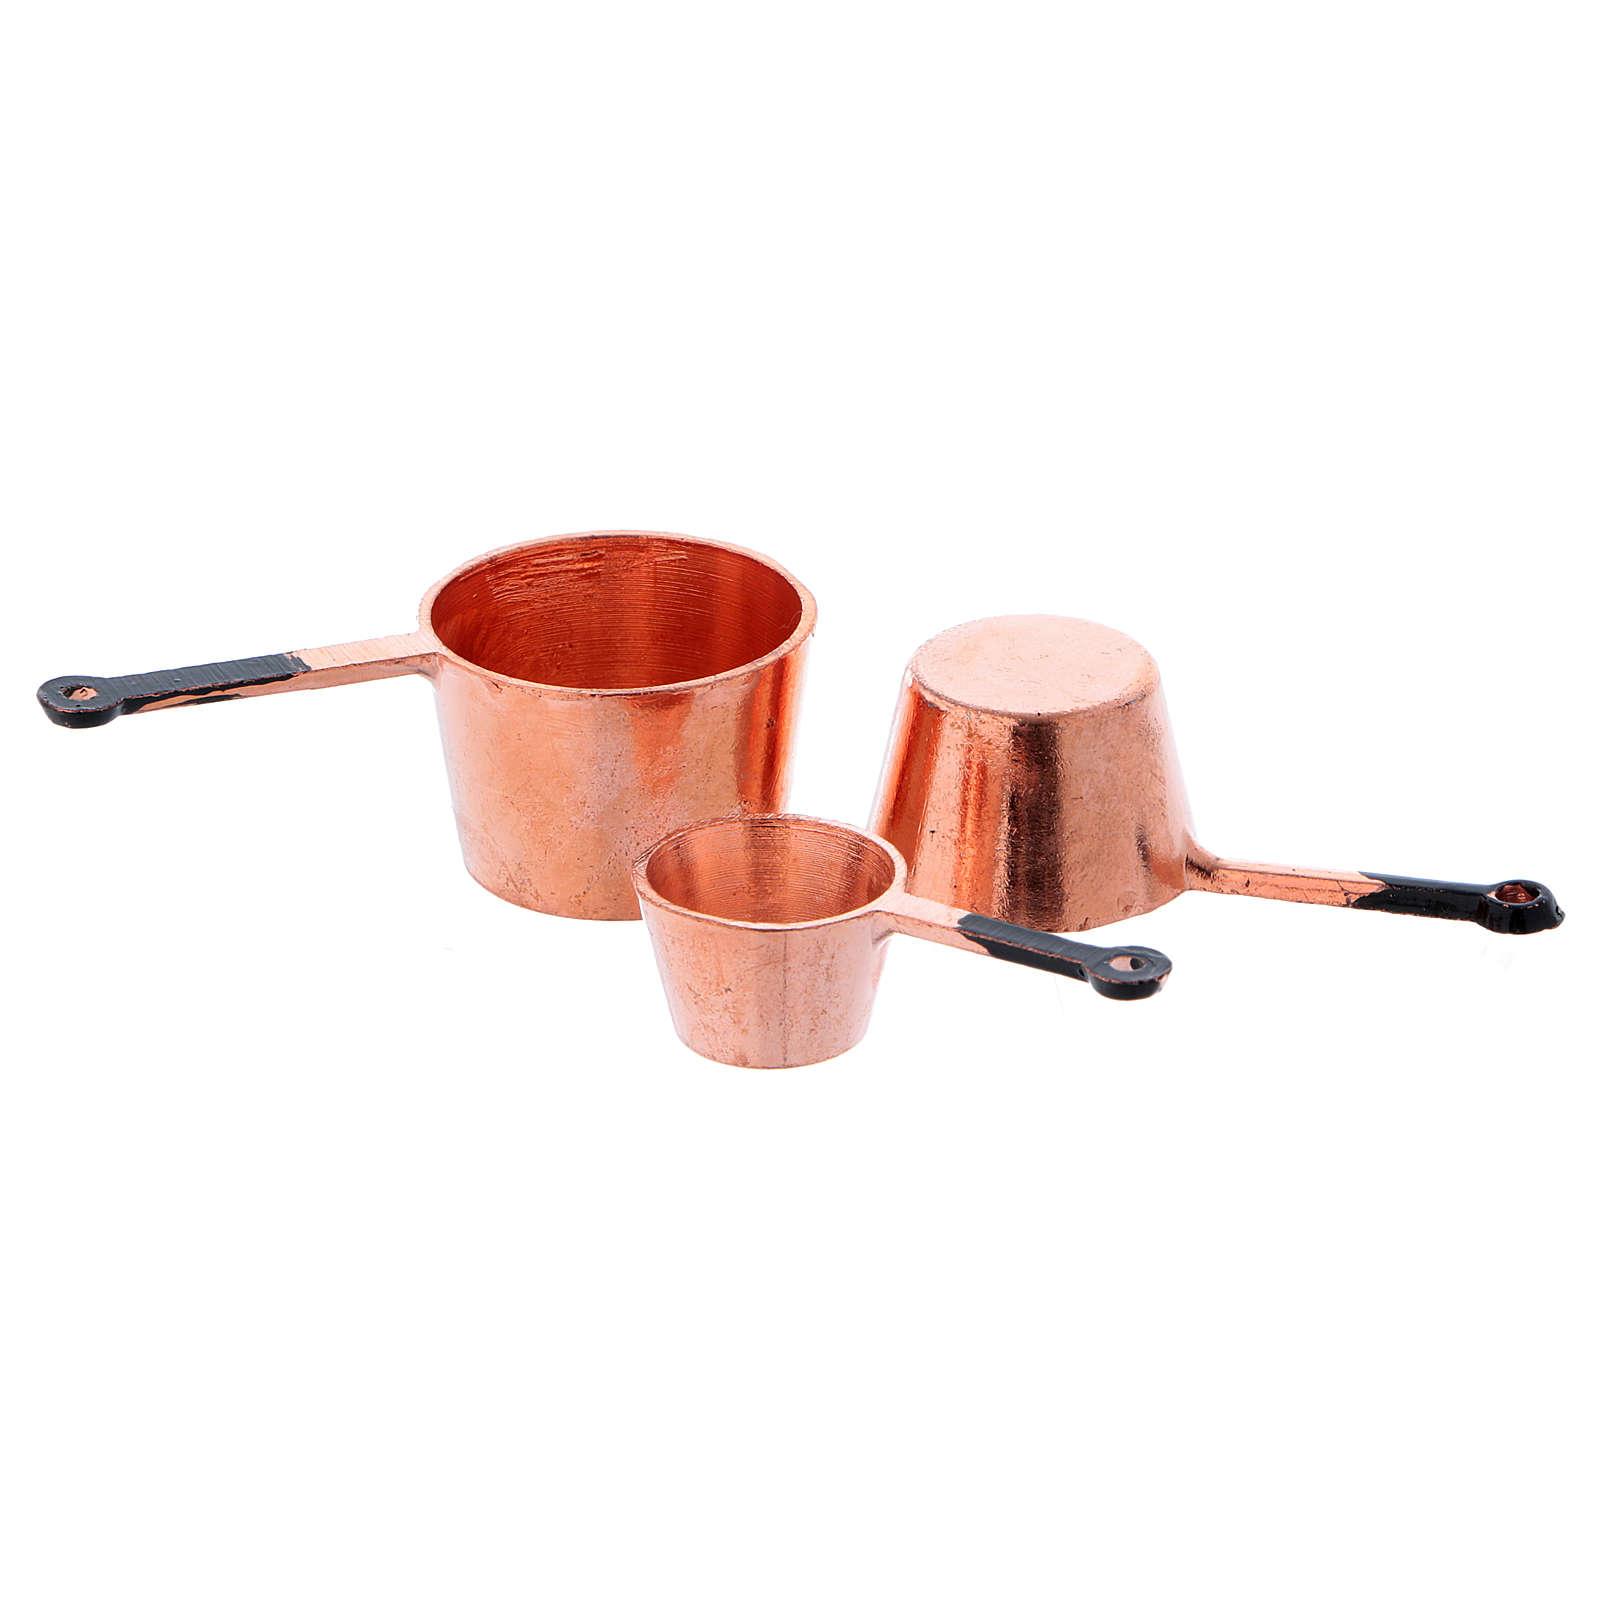 Copper pots with diameter 2.5/2/1.5 cm 4